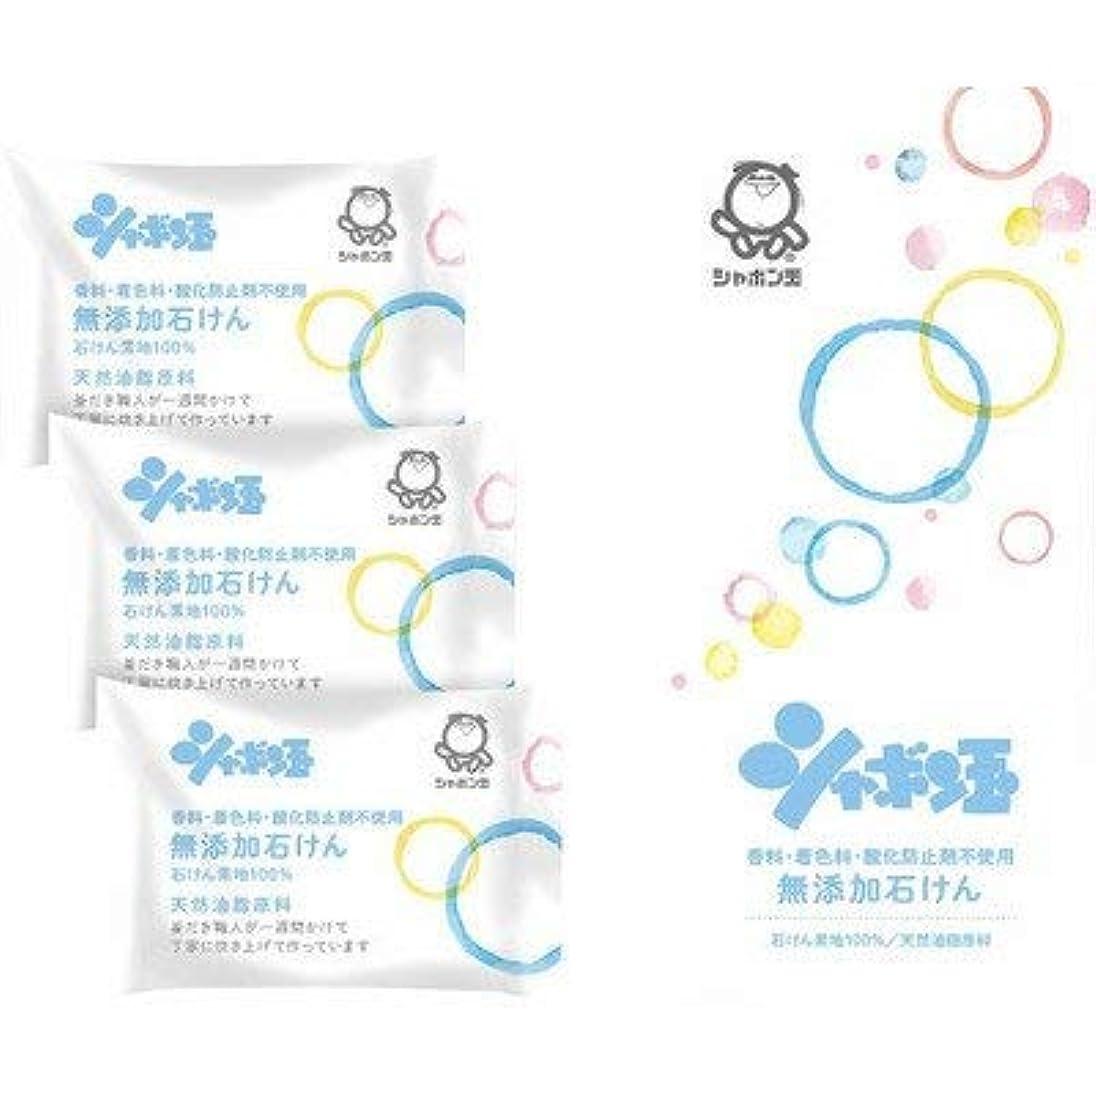 星アームストロングコーヒー【ギフトセット】 シャボン玉無添加石鹸ギフトセット SMG-5B